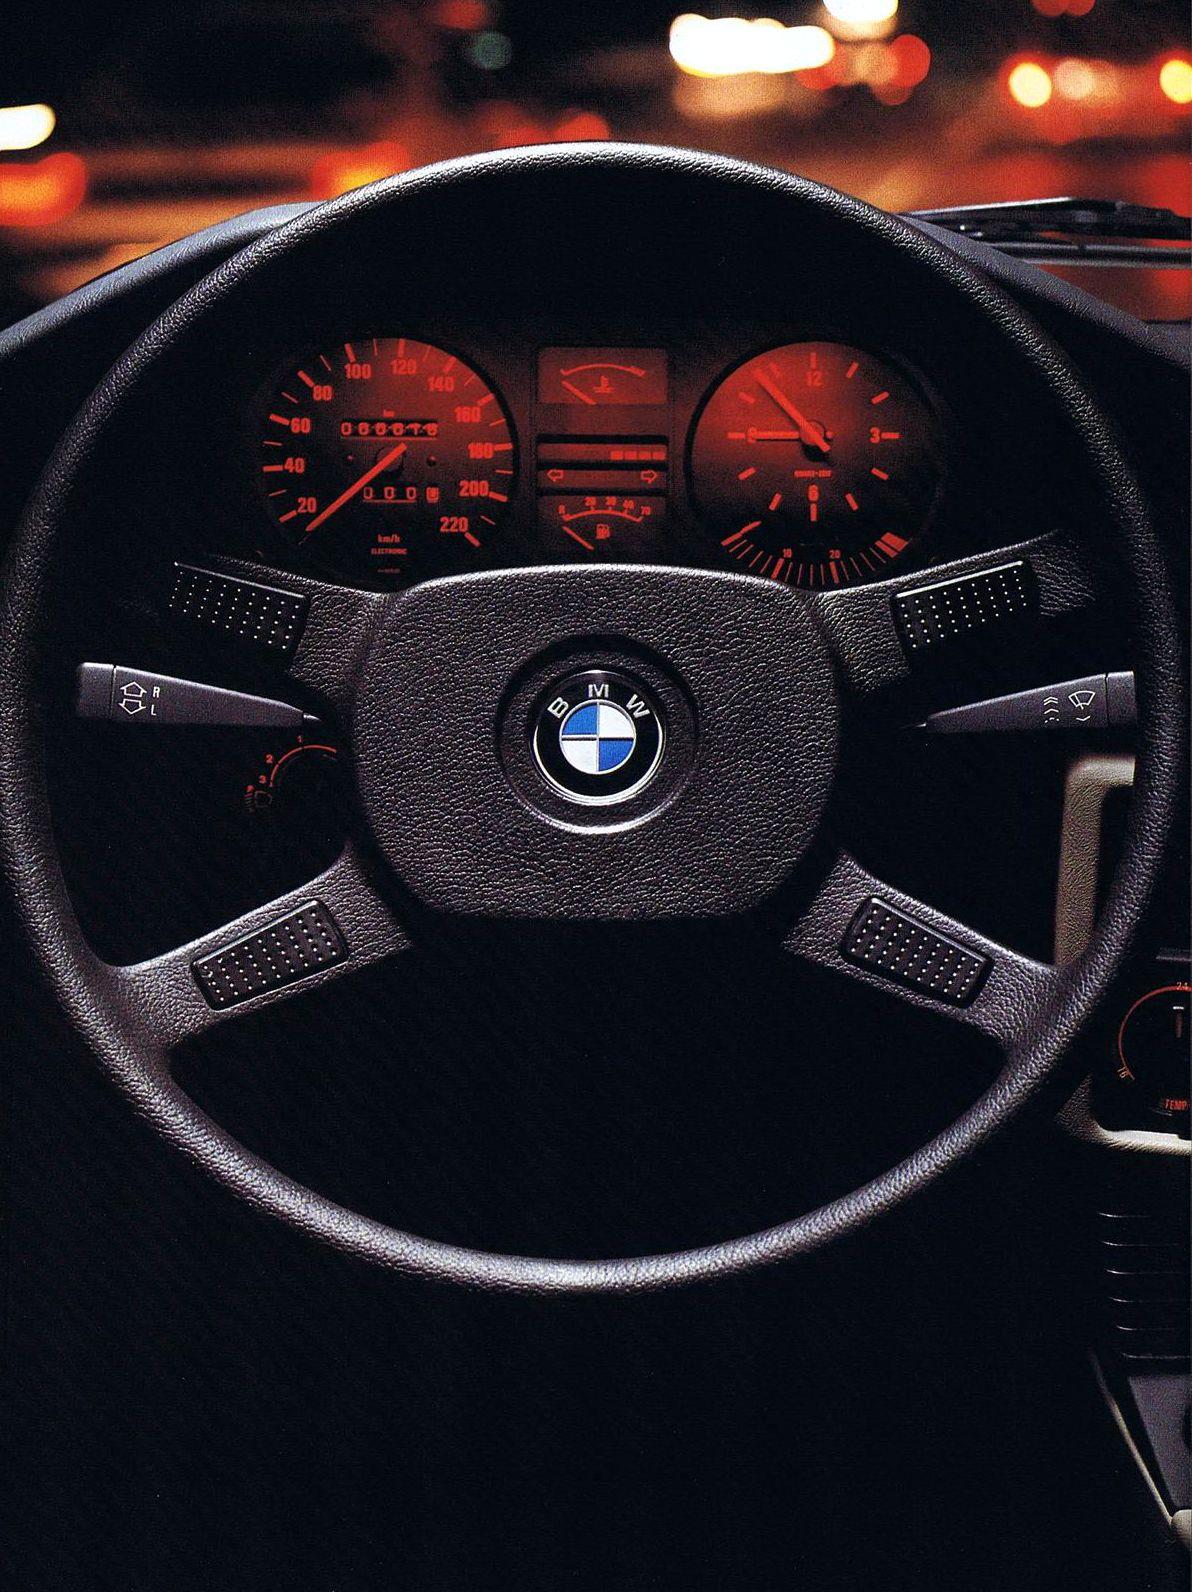 1981 Bmw 518 Bmw E28 Bmw Bmw Interior